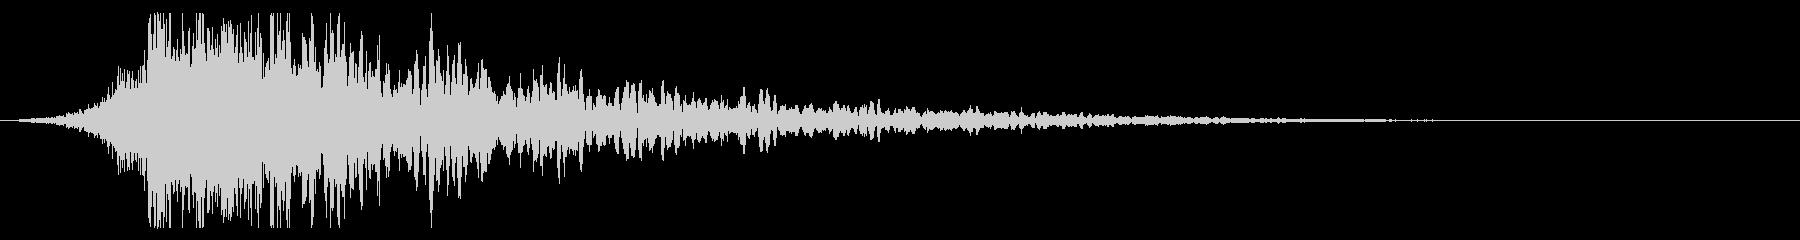 シュードーン-61-1(インパクト音)の未再生の波形